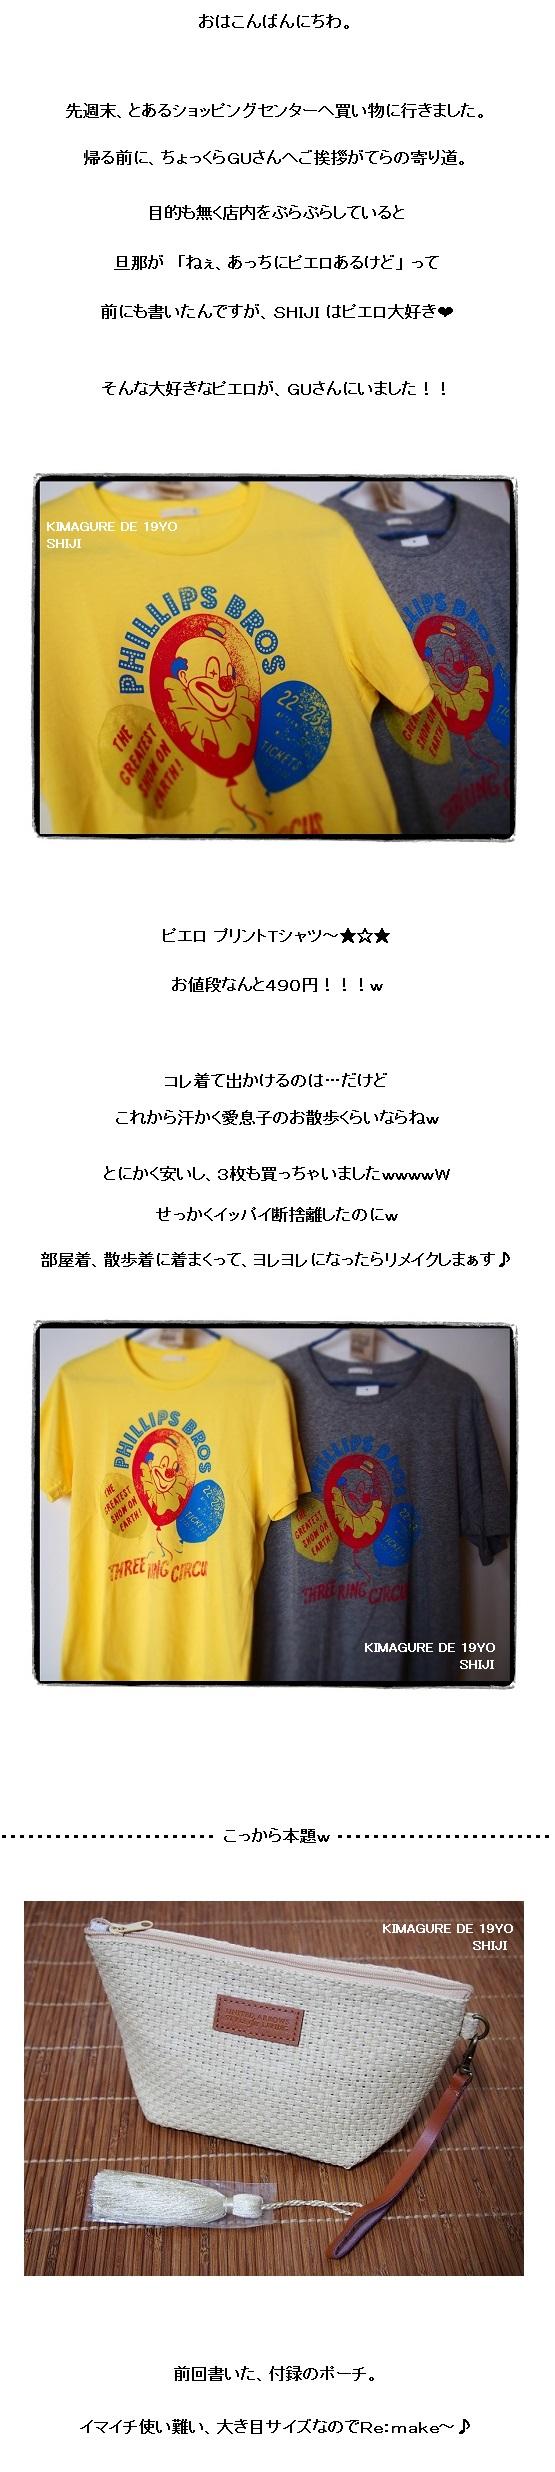 ラフィア風ポーチ3